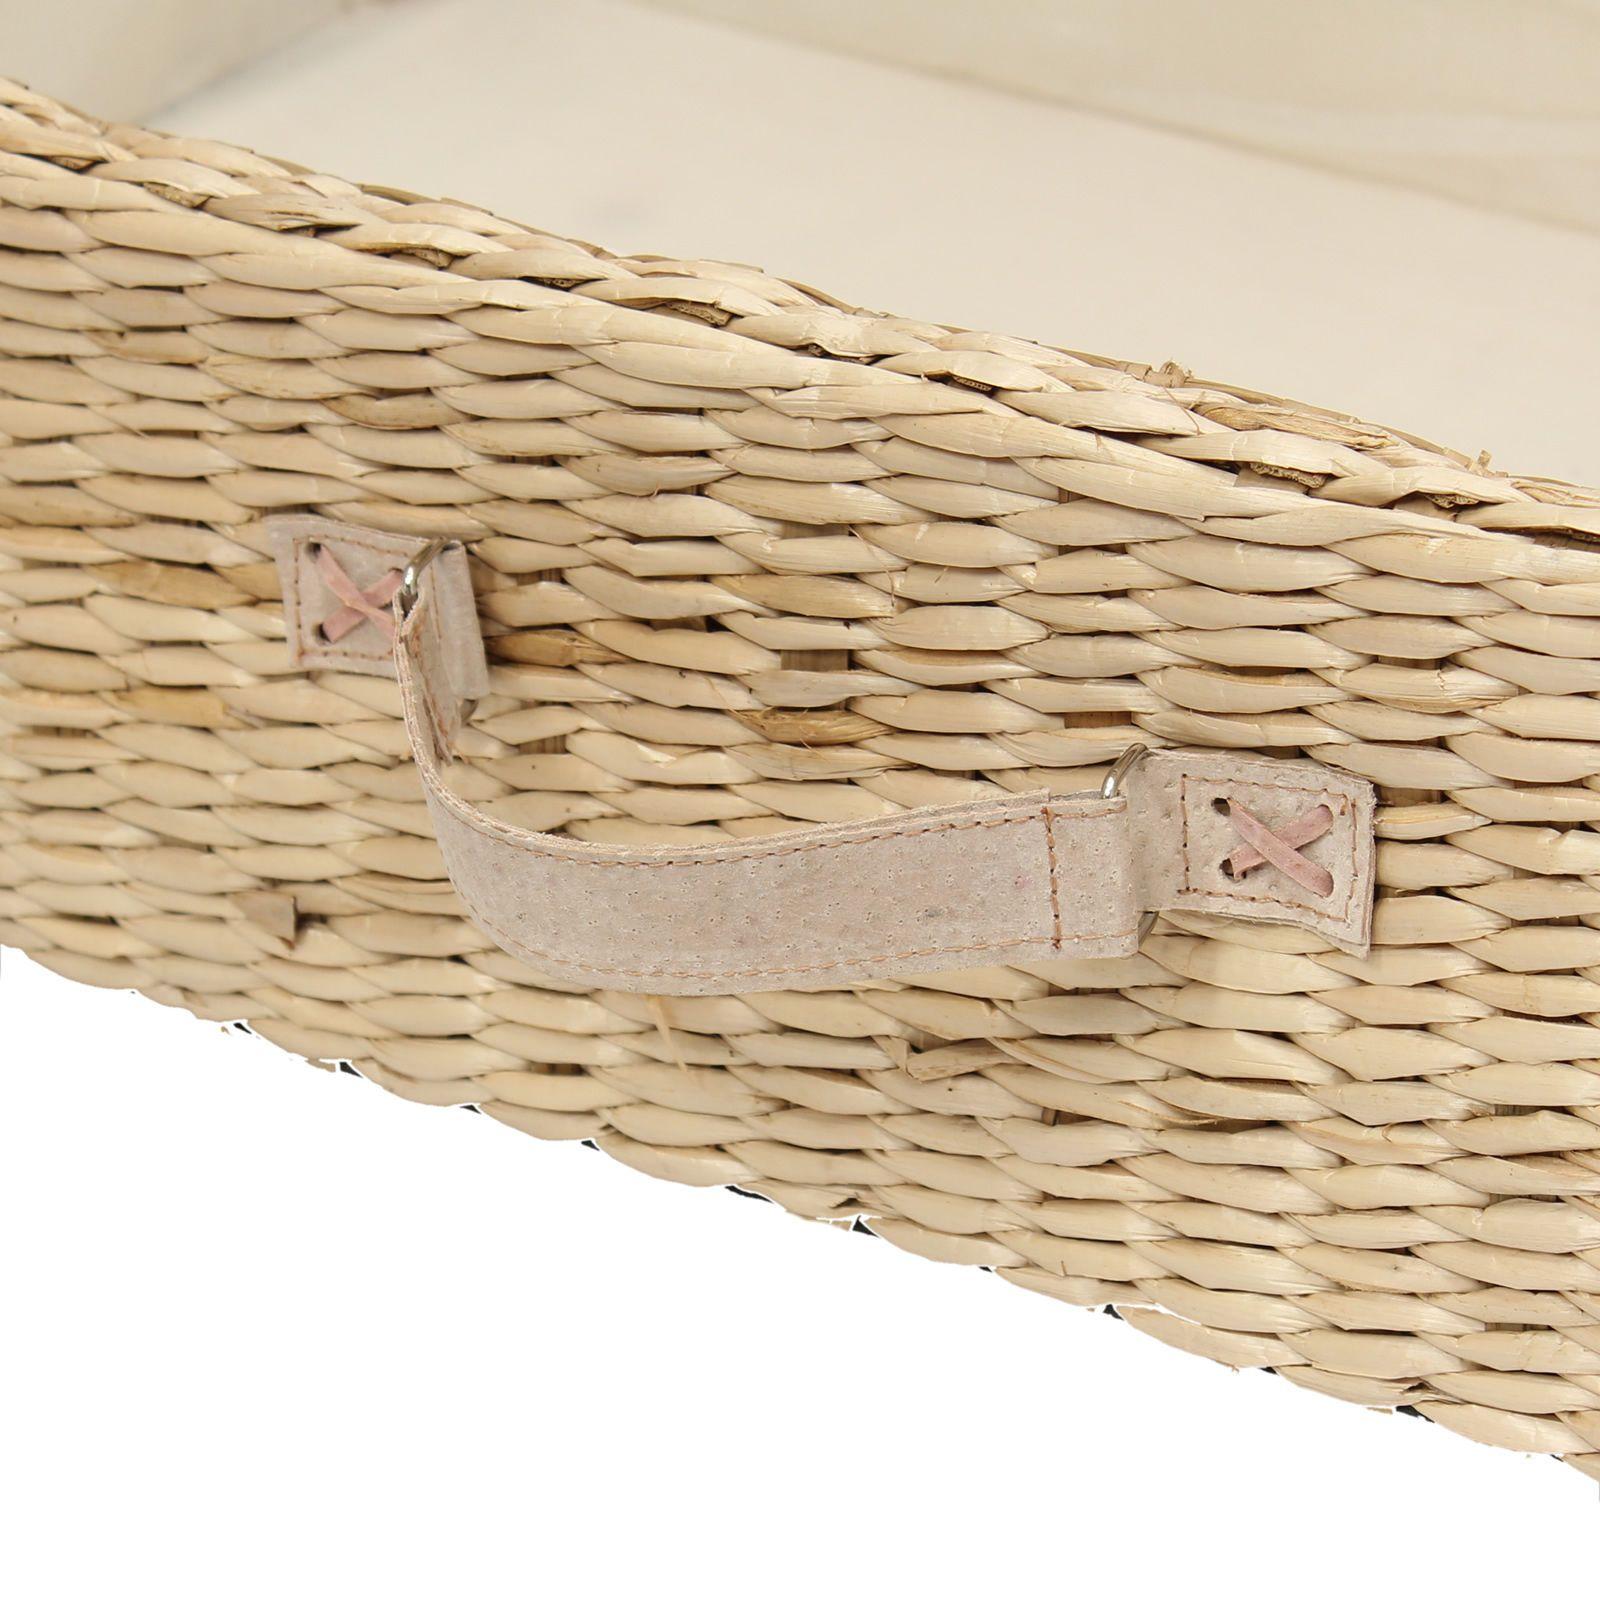 Home underbed storage baskets wicker underbed storage basket - Large Under Bed Storage Box Trunk Wheeled Underbed Shoe Bedding Blanket Chest Ebay